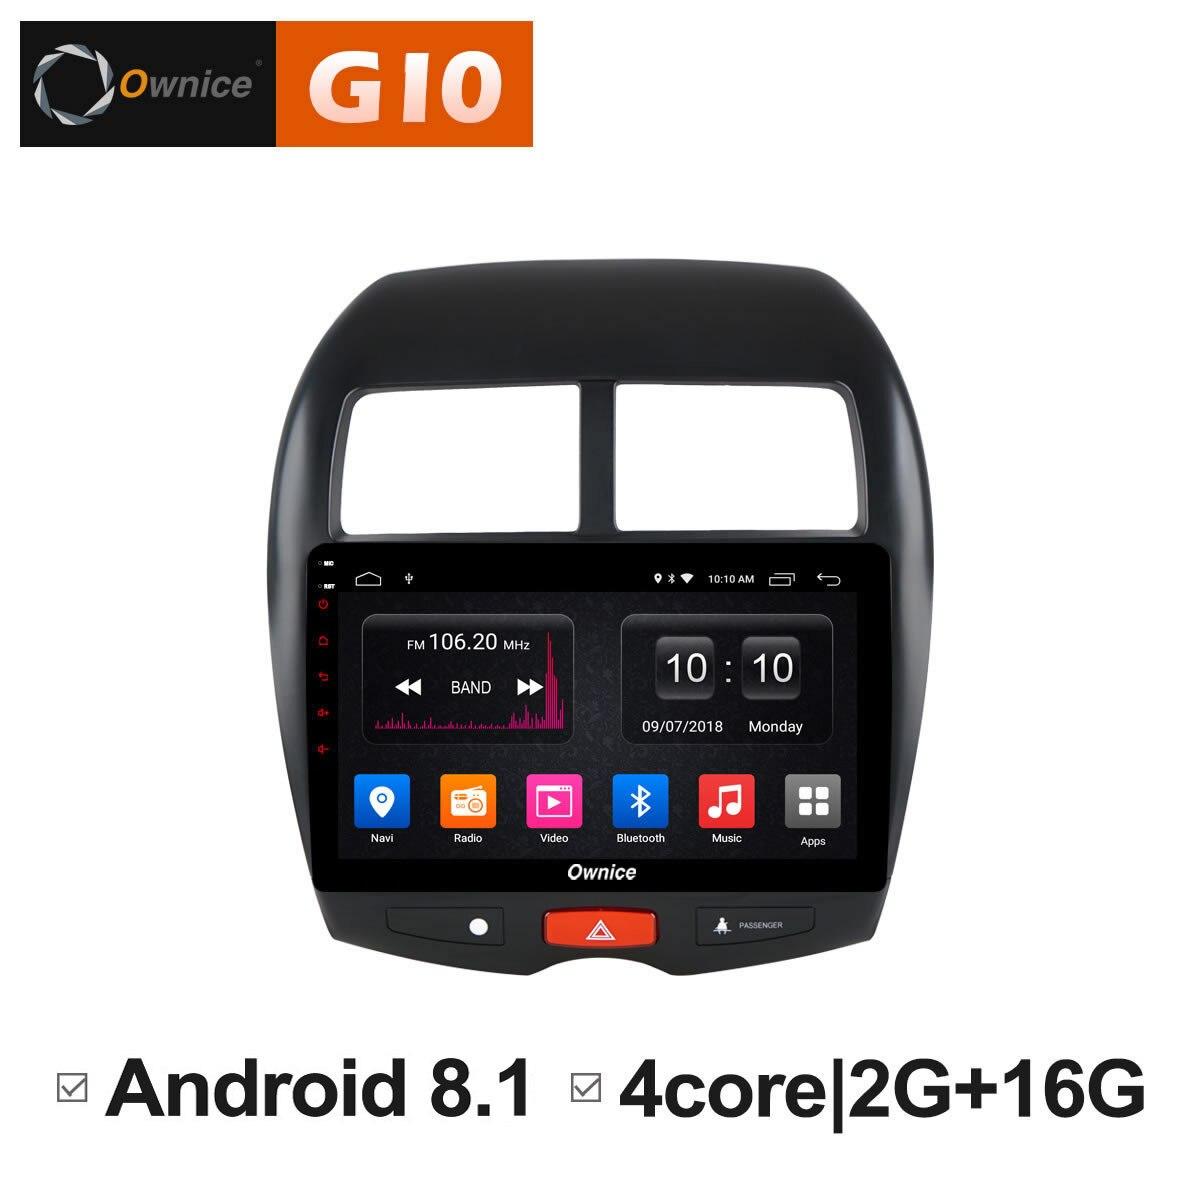 Android 8,1 блок автомобиля Радио DVD мультимедийный плеер gps навигационная система Интеллектуальный DVD ПК для Mitsubishi ASX 2013 2014 2015 2016